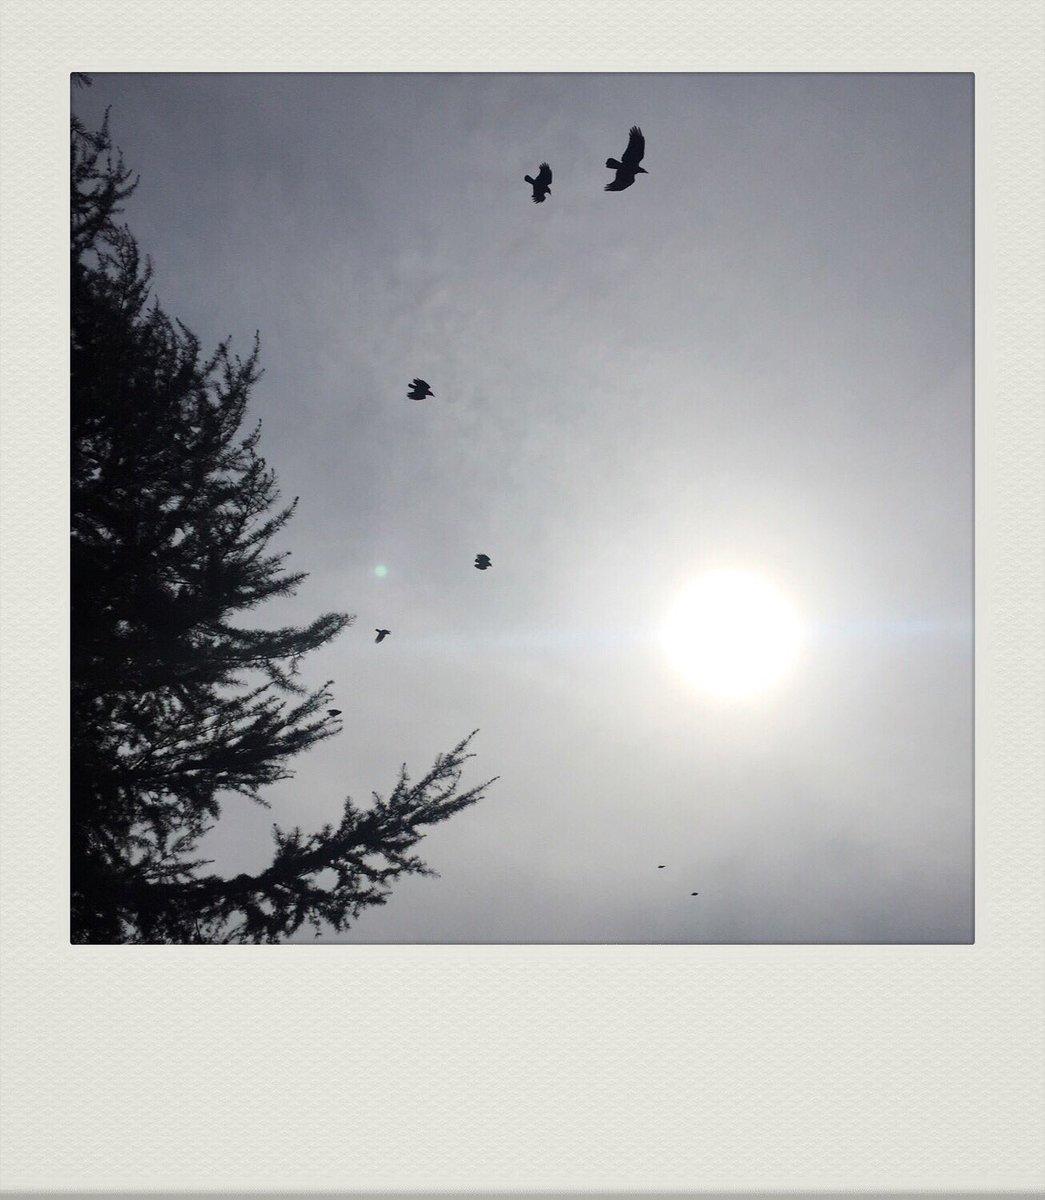 Hava -sanılanın aksine- yoo, yoo gayet güzeldi çünkü kuşlar uçuyordu. 🦅 #air #breathe #moment #now #catchthemoment #şimdi #an #istanbul #birds #sun #wintersun #kışgüneşi #tarkan #7 #7birds